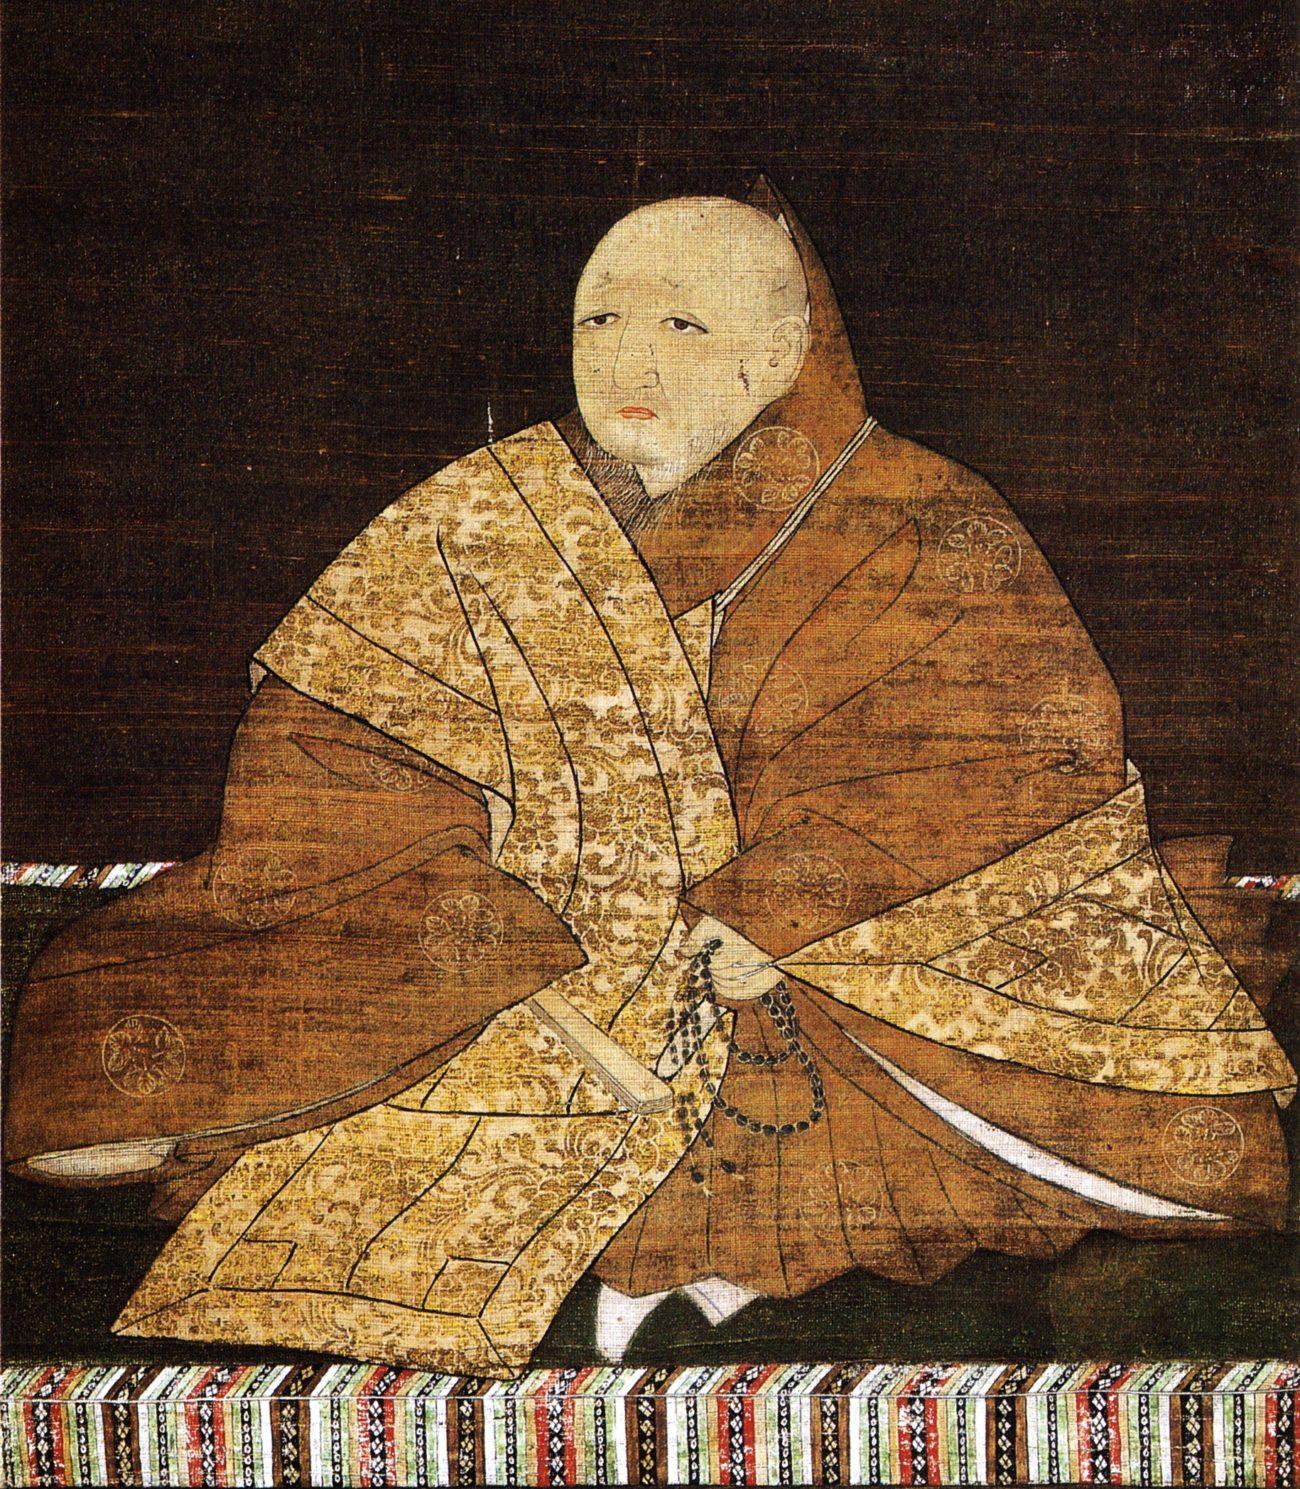 Yoshimitsu Ashikaga